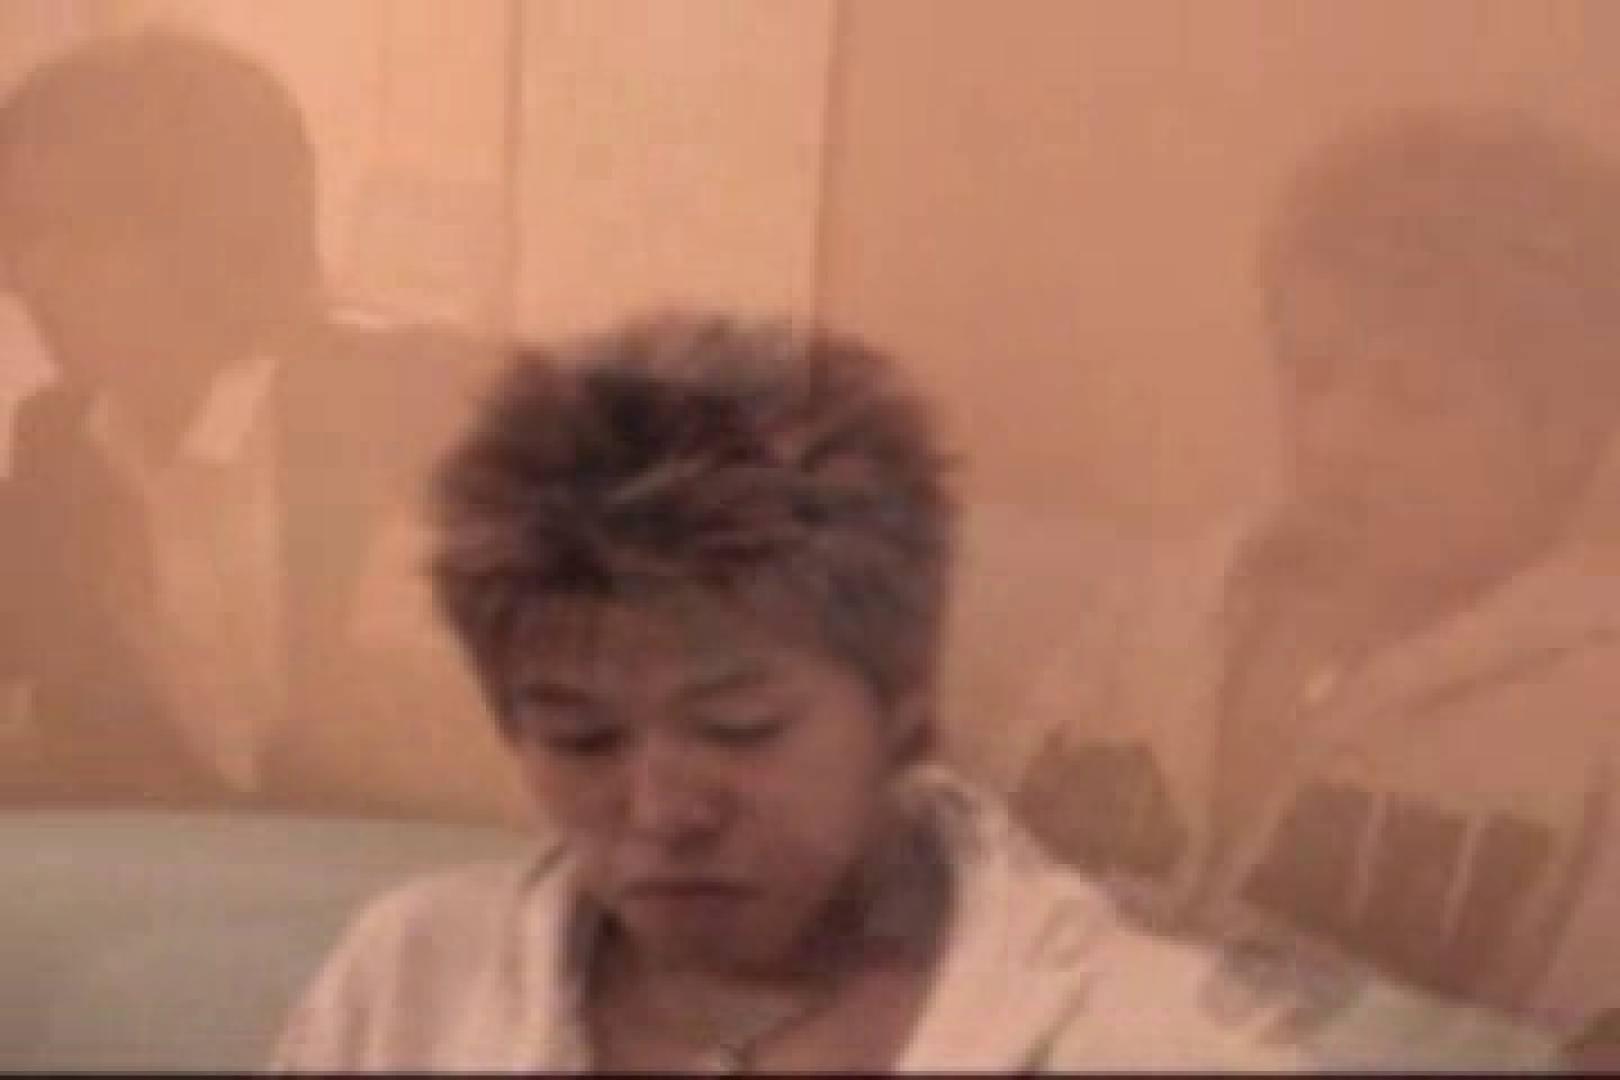 【流出】ジャニ系イケメン!!フライング&アナルが痛くて出来ません!! 茶髪 亀頭もろ画像 72枚 37